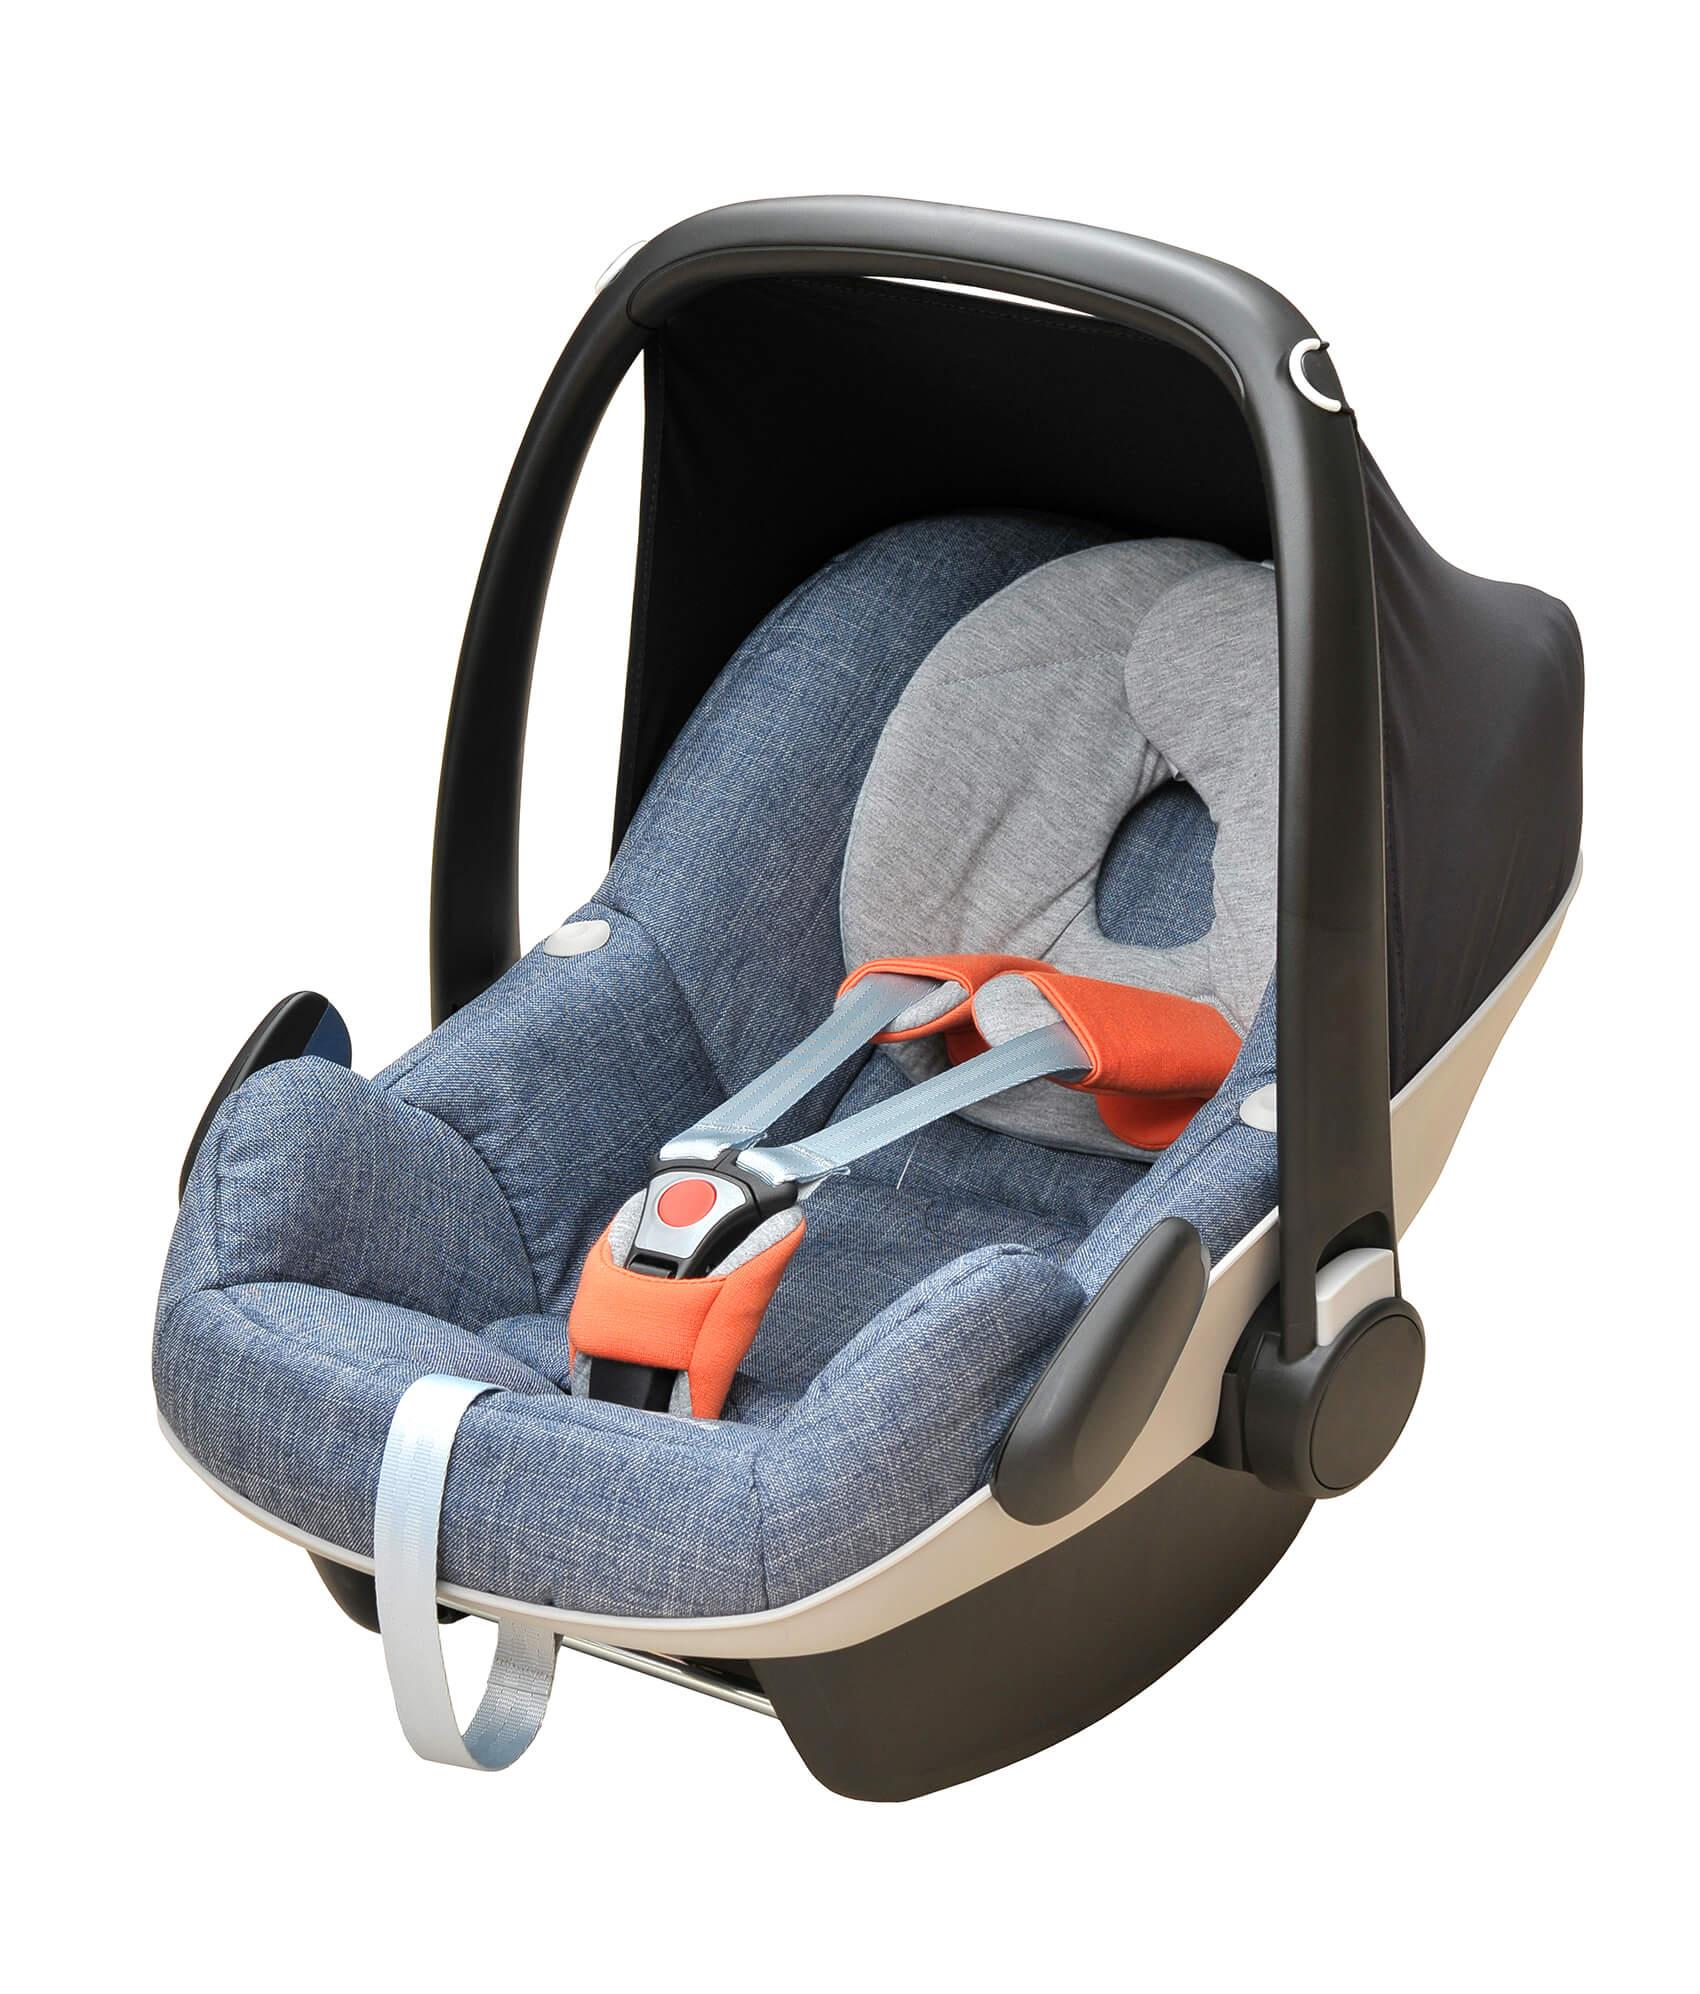 Prevoz novorojenčka domov